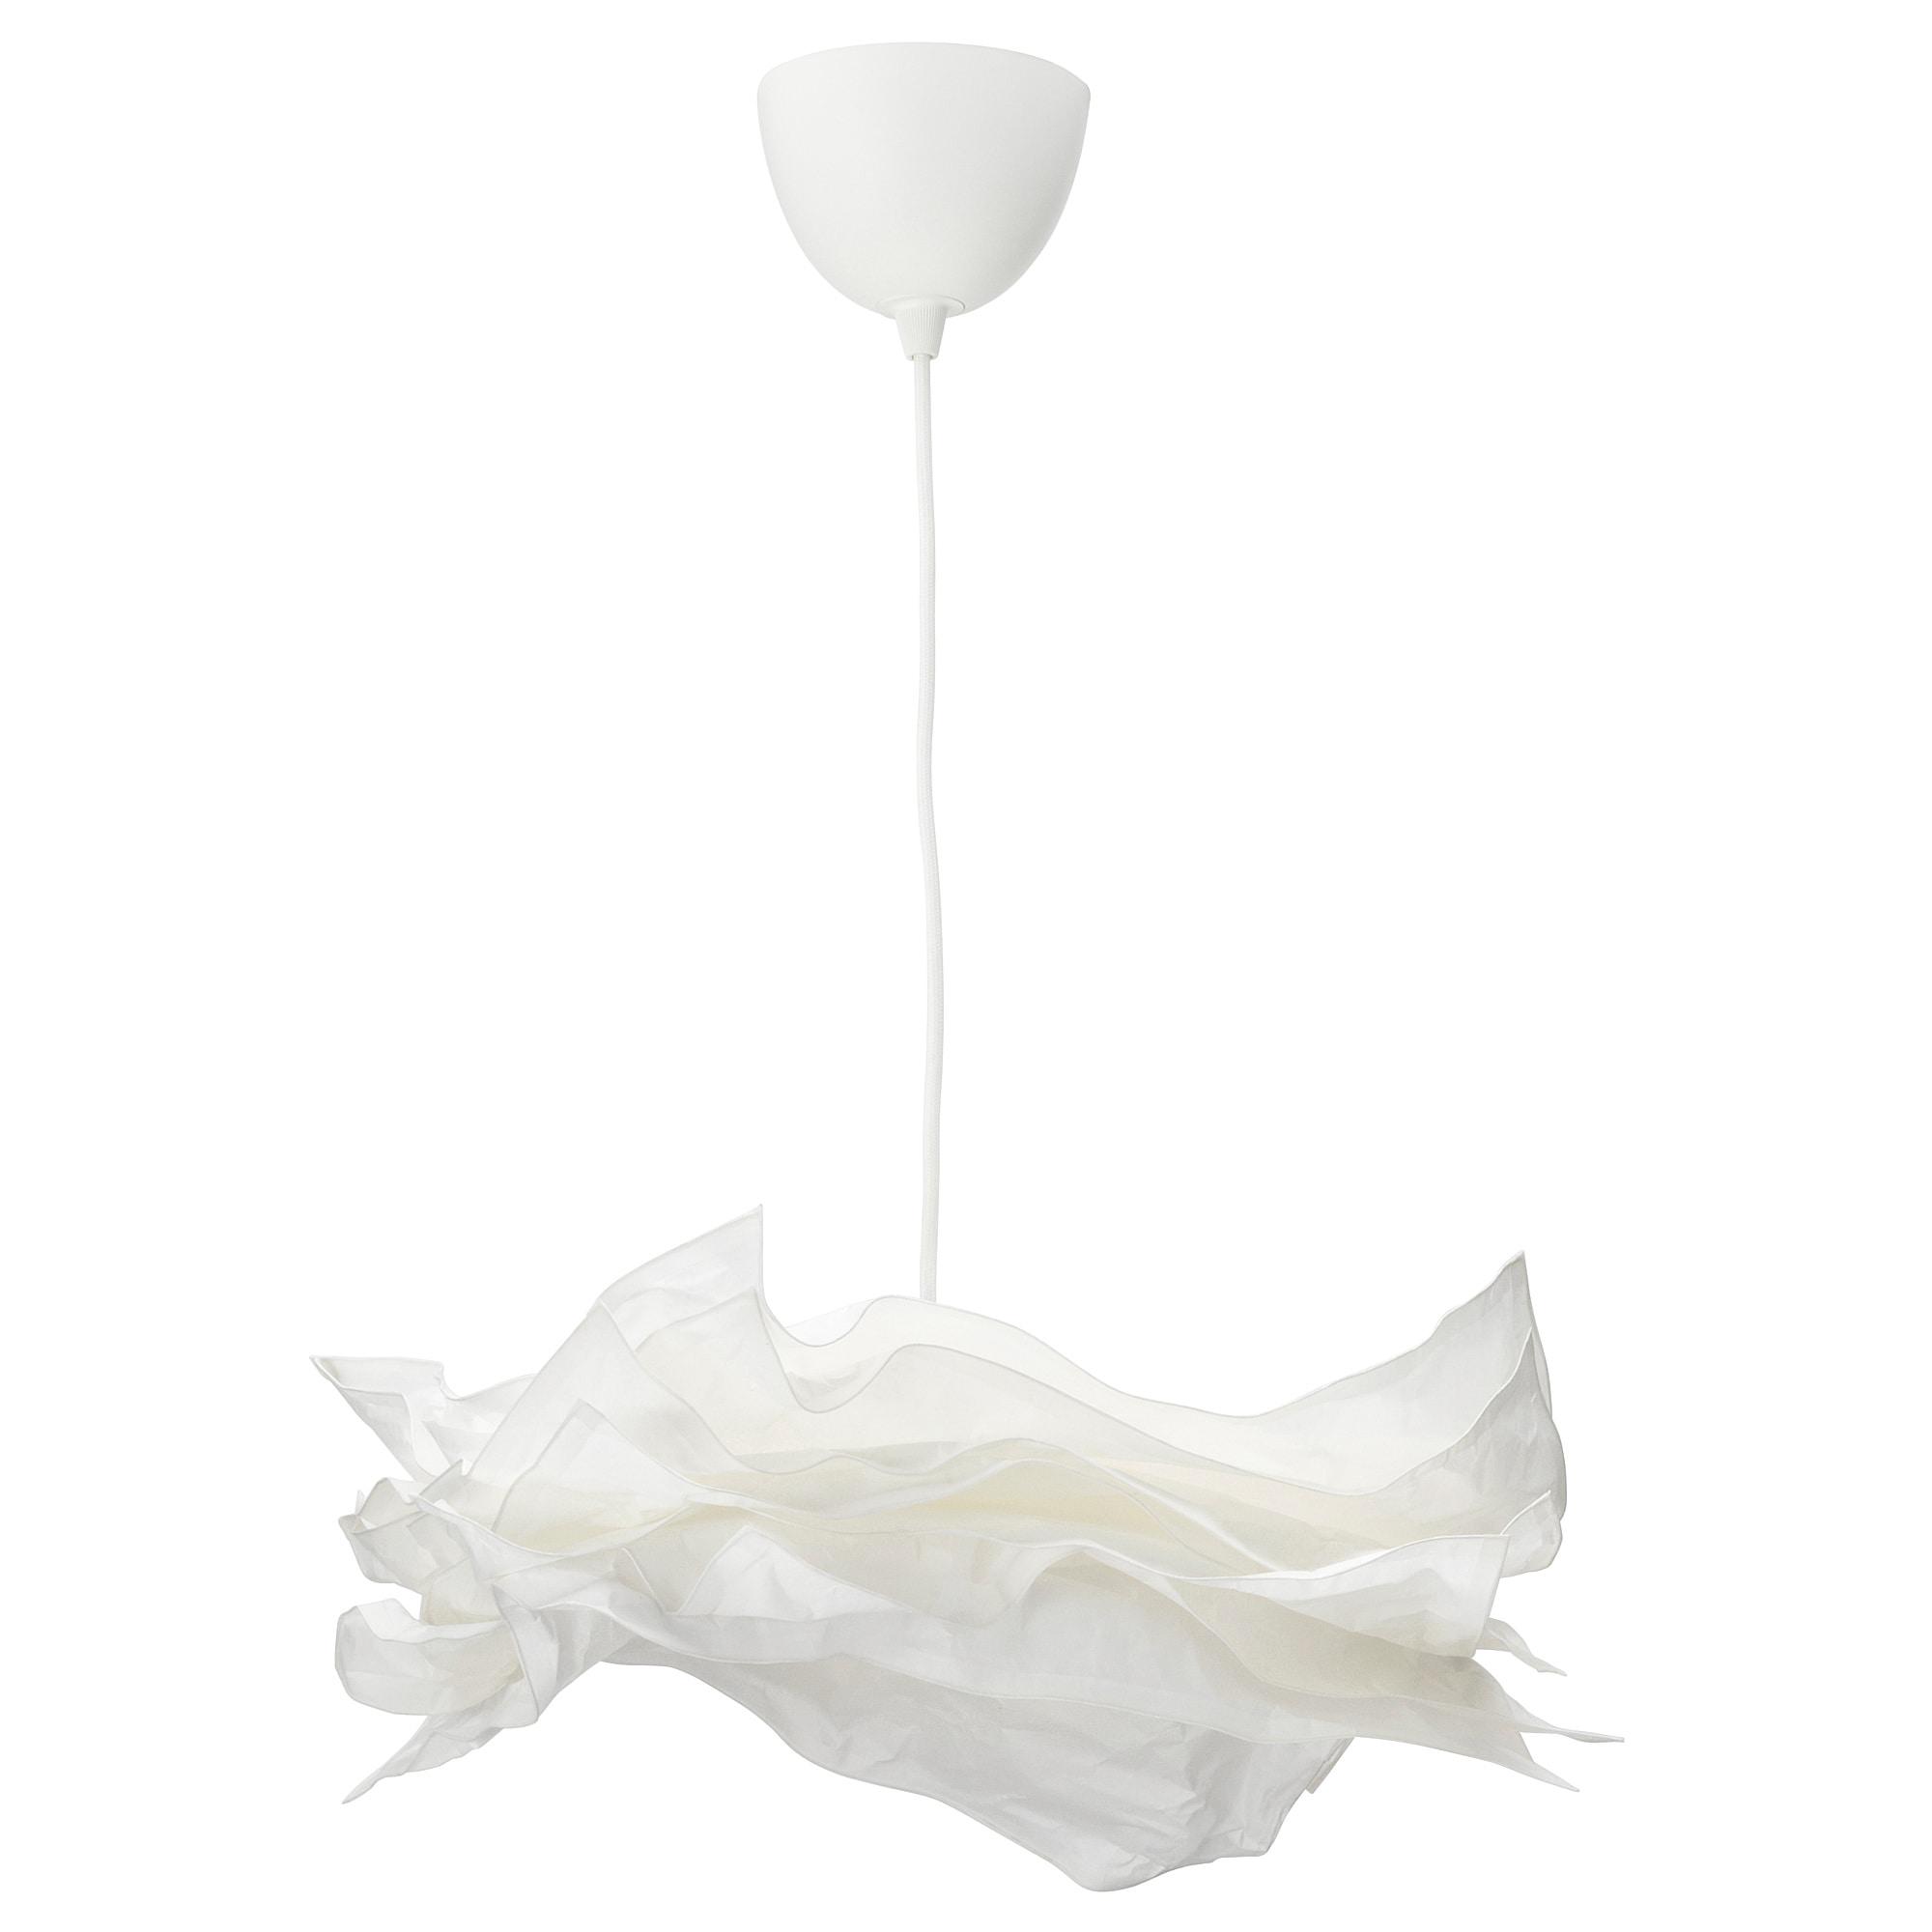 Подвесной светильник КРУСНИНГ / СЕКОНД, белый, текстиль белый (43 см)